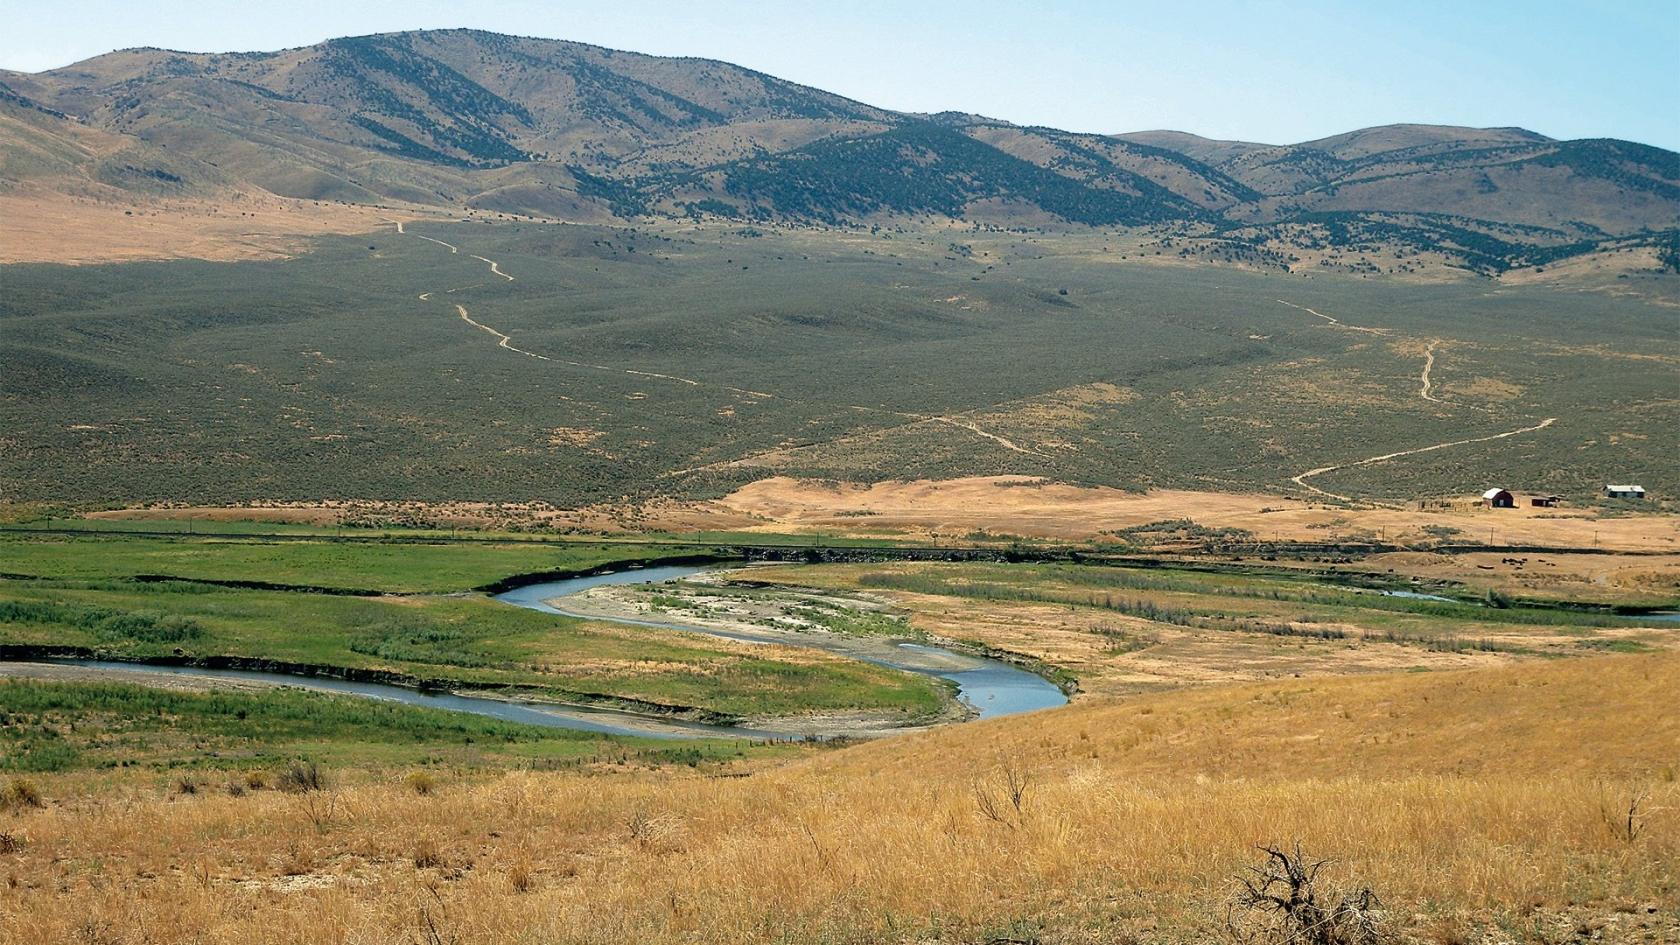 Río Humboldt corriendo a través de un valle en Nevada a lo largo del sendero histórico nacional de California